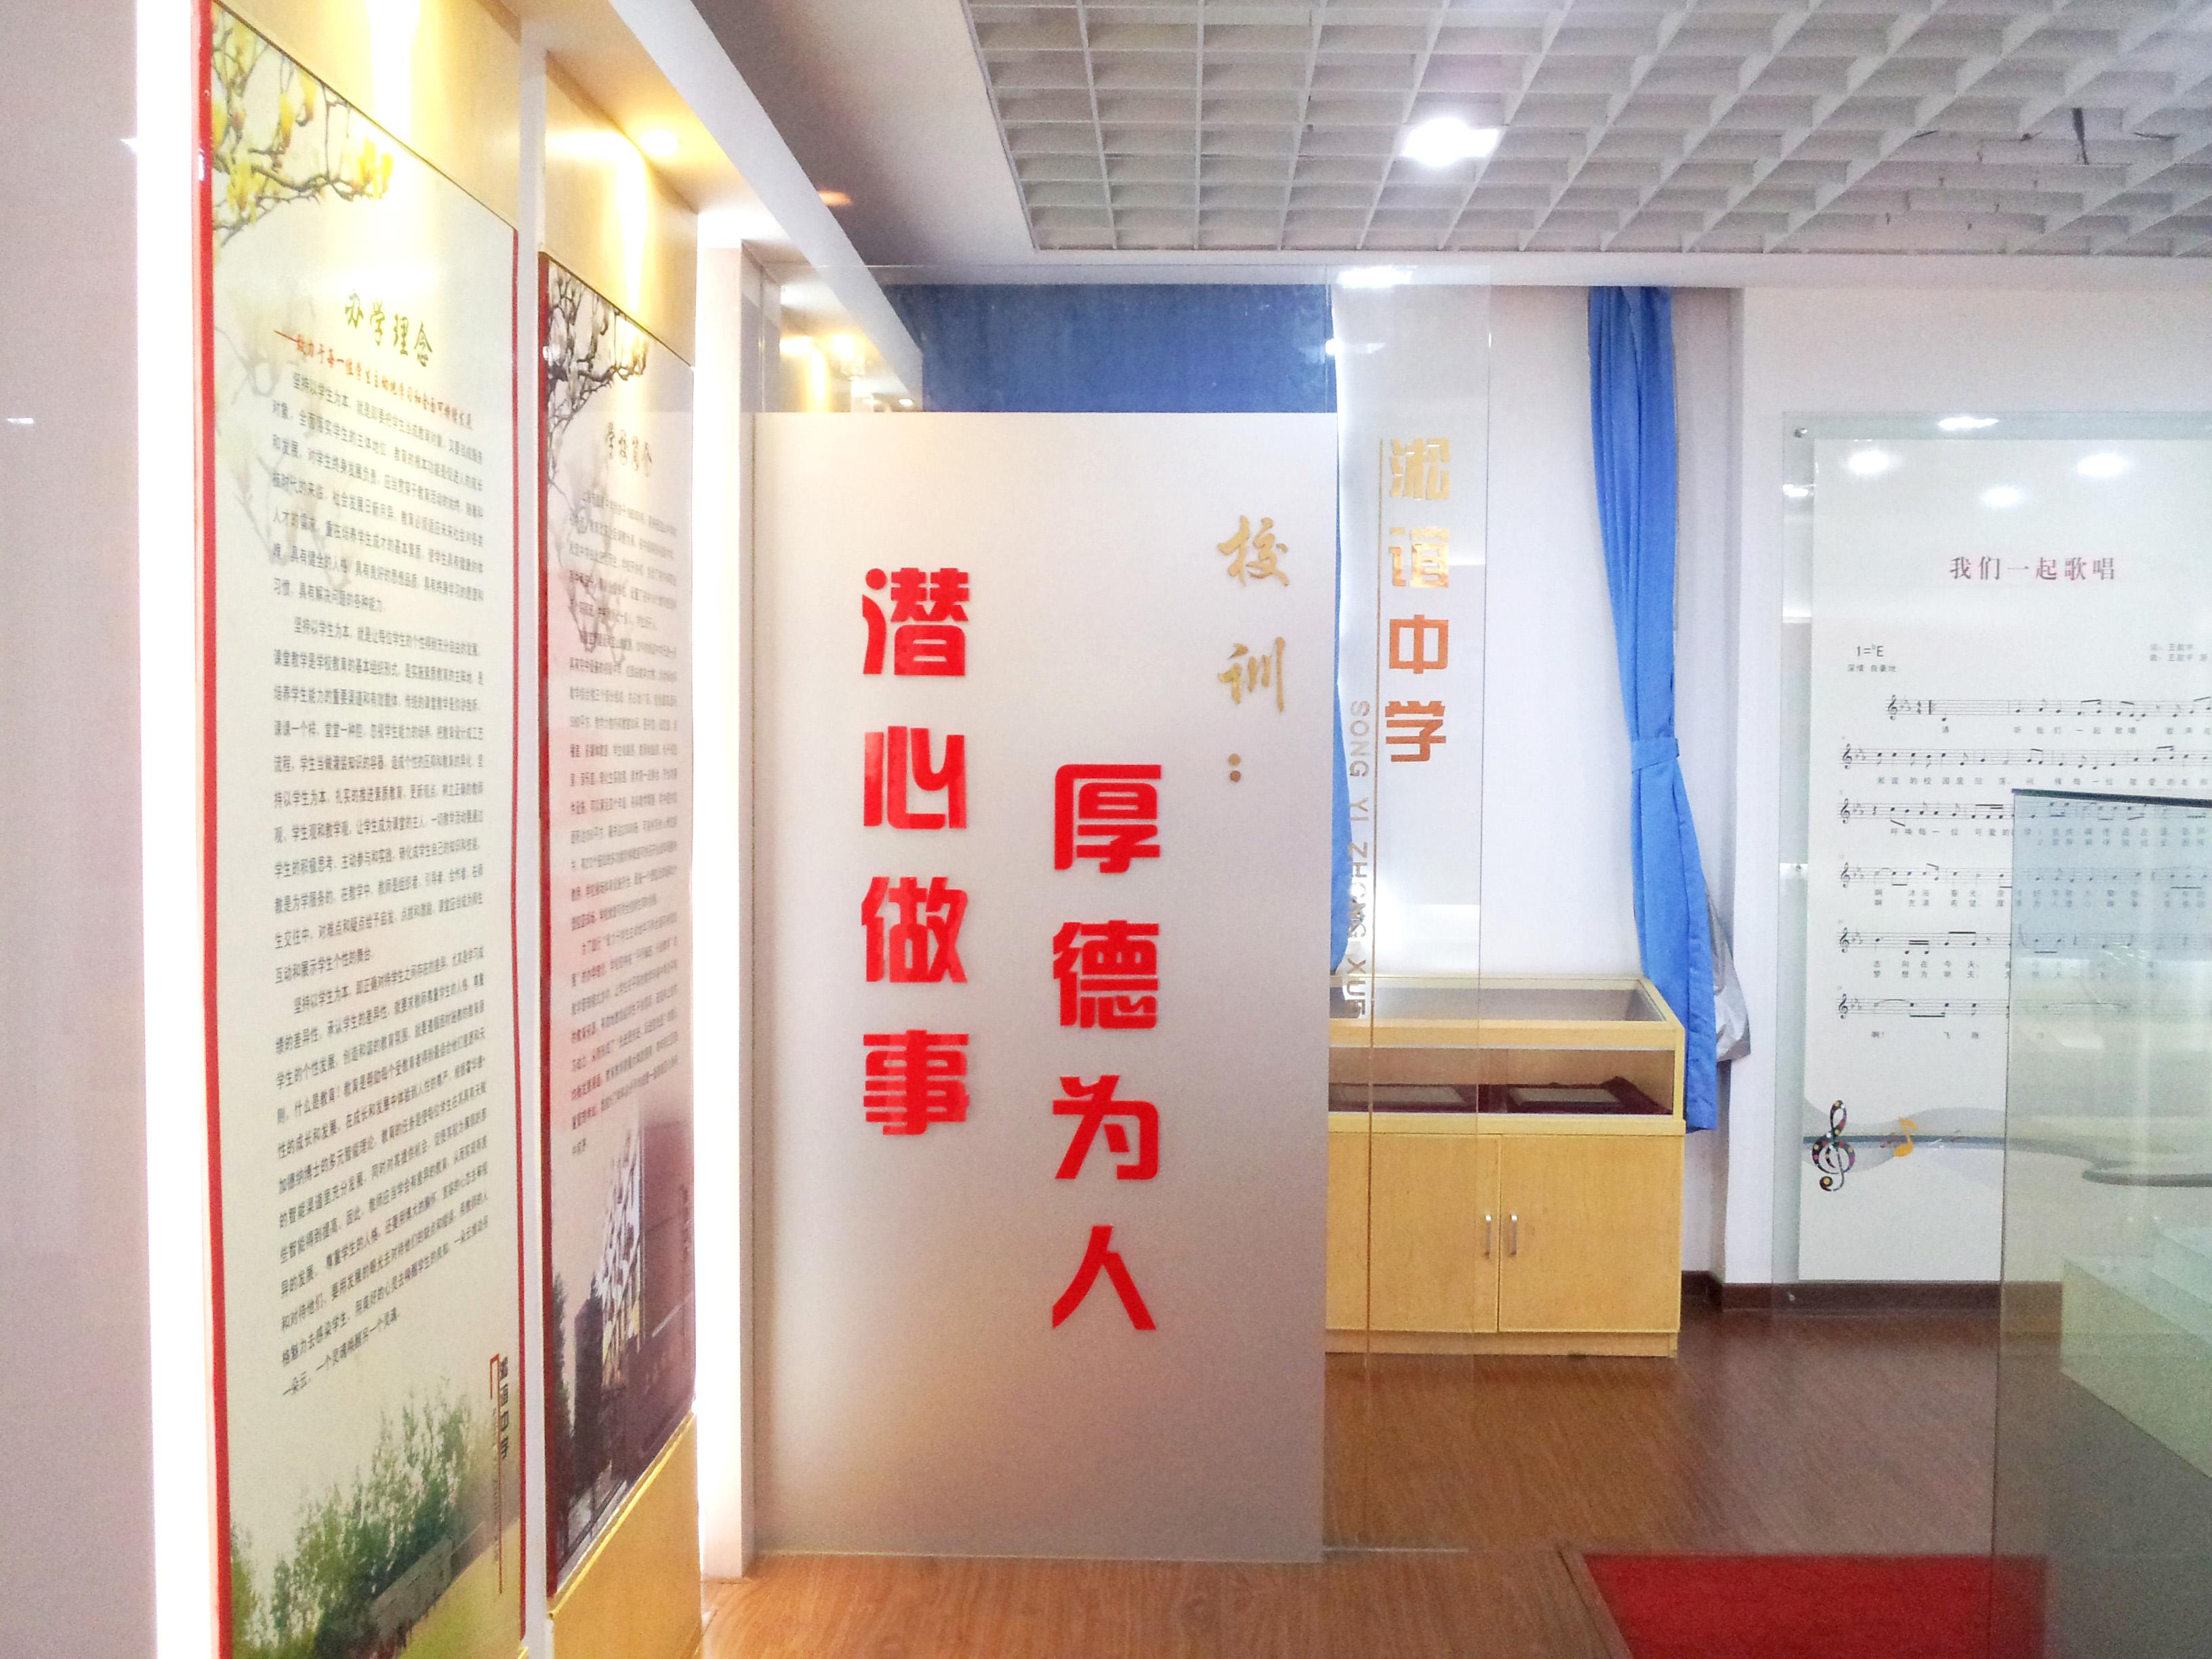 淞誼中學校陳列館